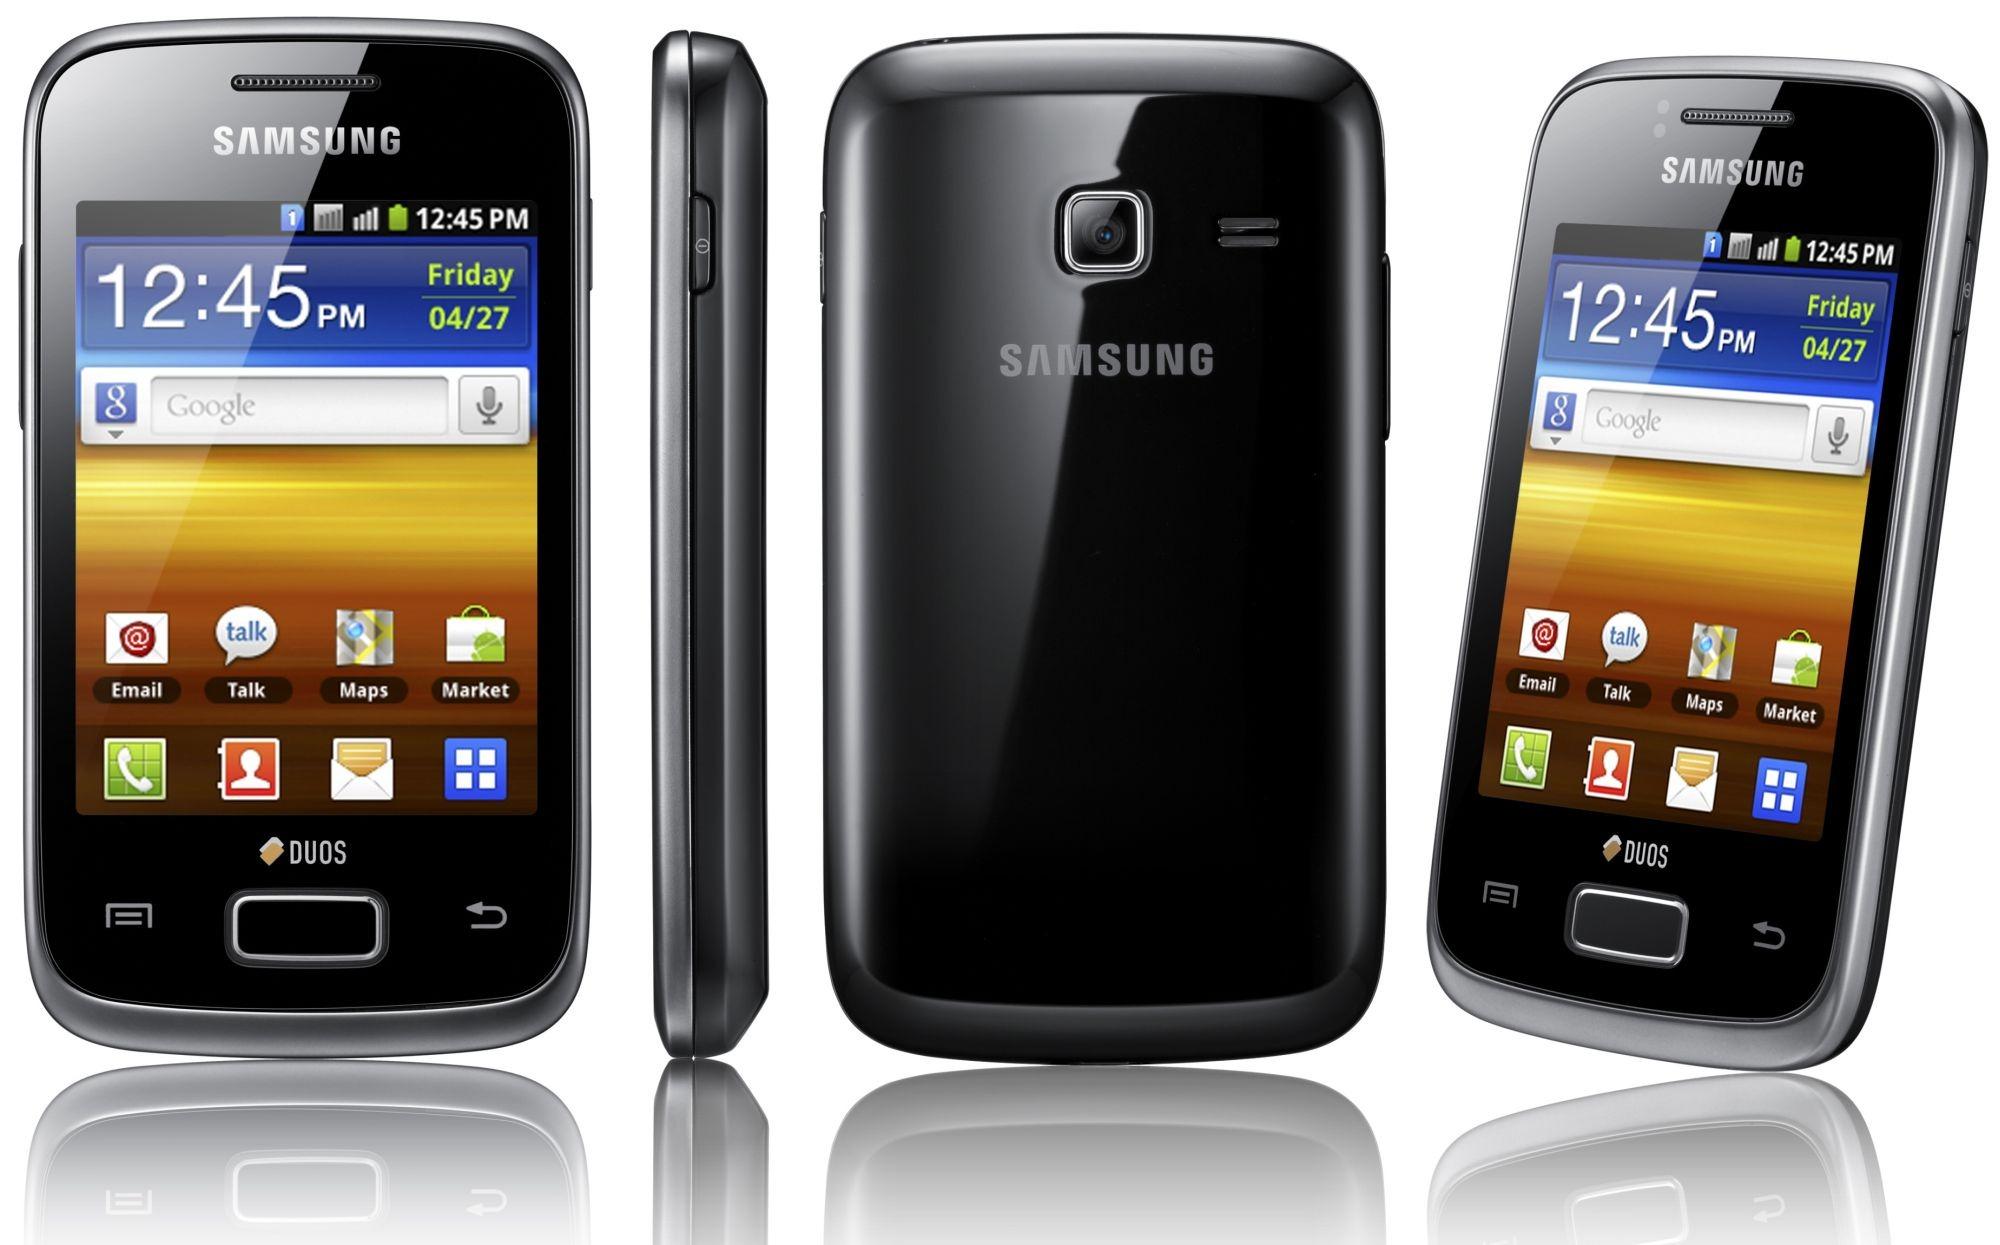 Come eseguire il root su Samsung Galaxy 5, Galaxy Y, S Vibrant, Grand Prime 2 e Grand Duos [Step by Step] 4